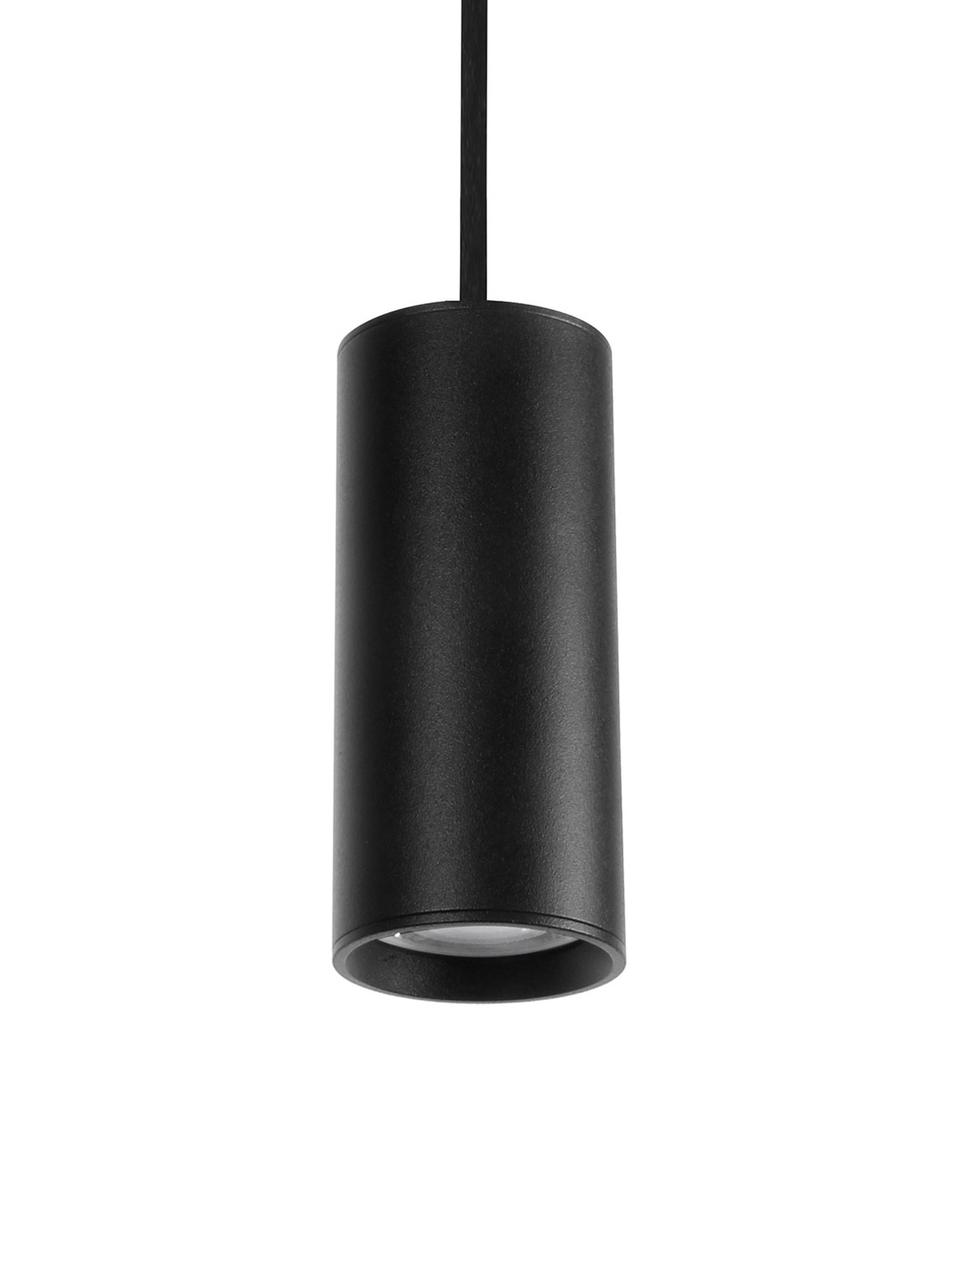 Kleine Moderne Pendelleuchte Aila, Lampenschirm: Aluminium, beschichtet, Baldachin: Aluminium, beschichtet, Schwarz, Ø 6 x H 20 cm